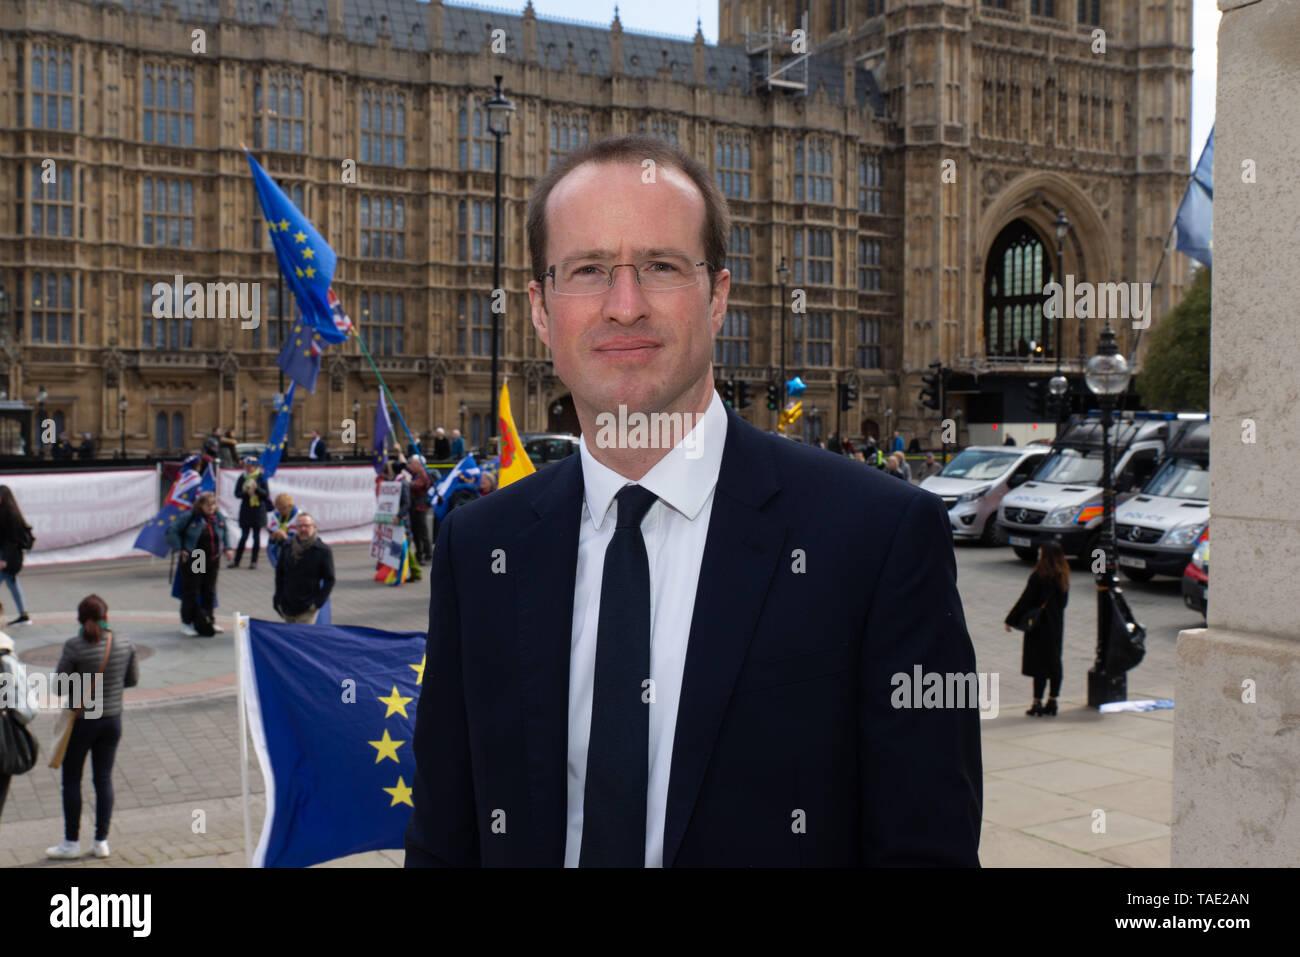 Matthew Elliott ist ein britischer politischer Stratege und Lobbyist in mehreren erfolgreichen Volksabstimmung Kampagnen, einschließlich der Brexit Kampagne beteiligt. Stockbild